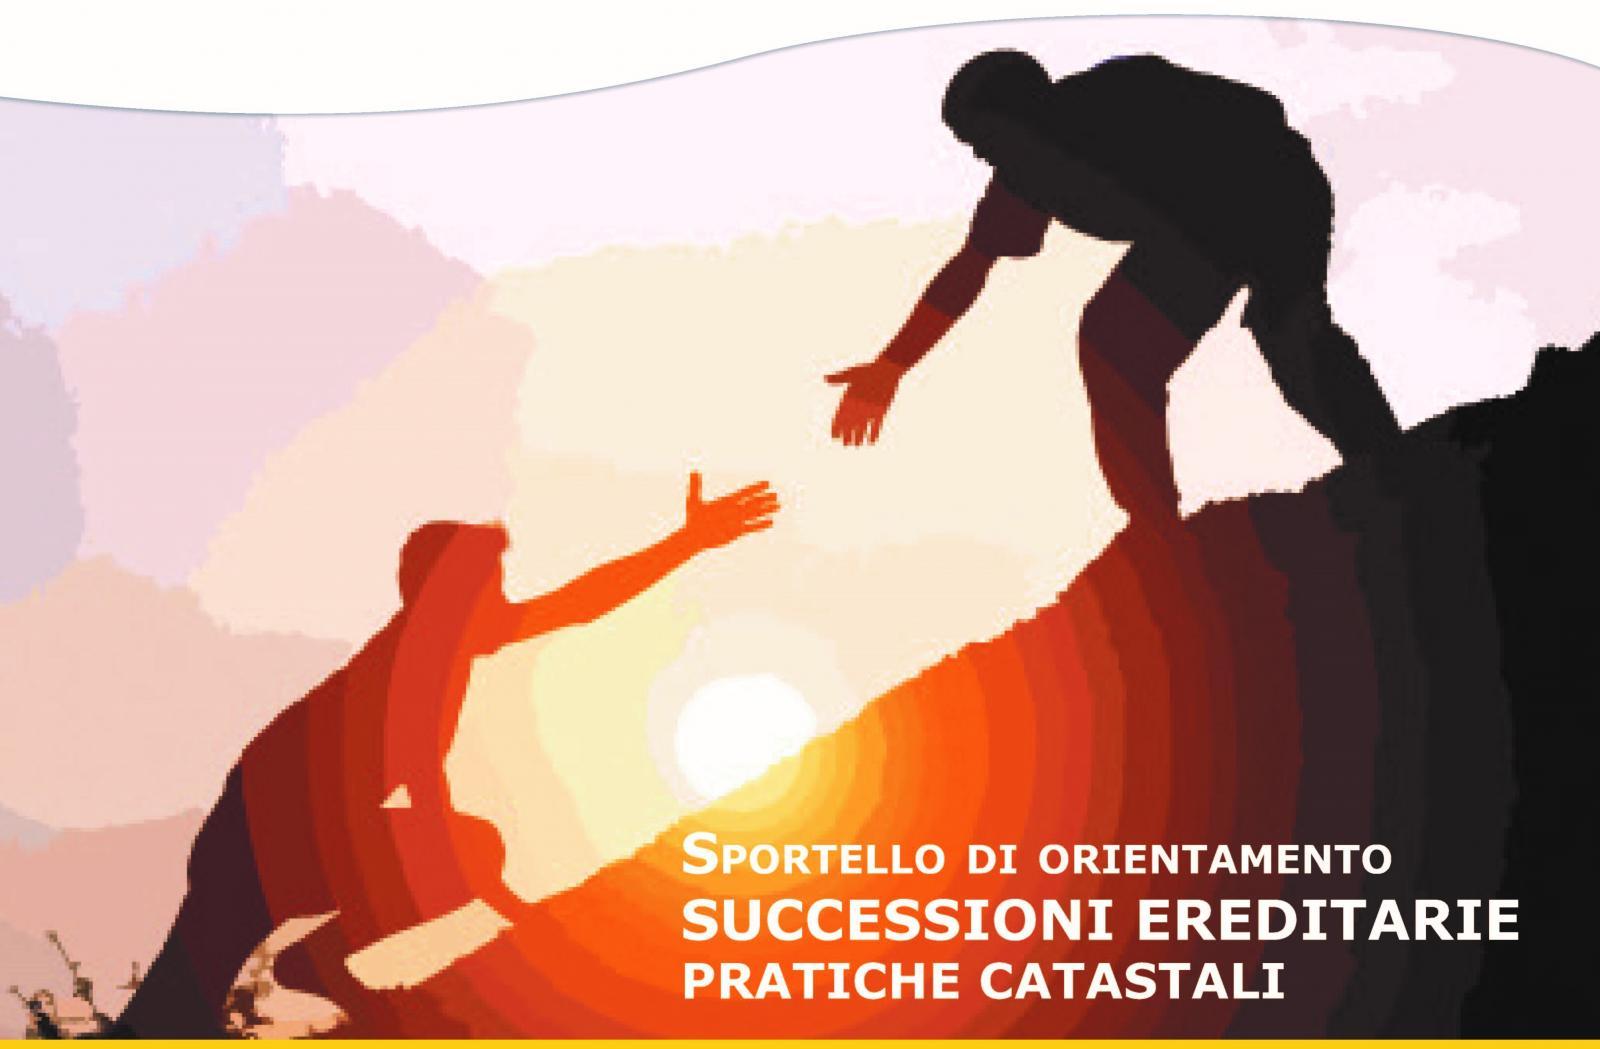 Sportello successioni e pratiche catastali